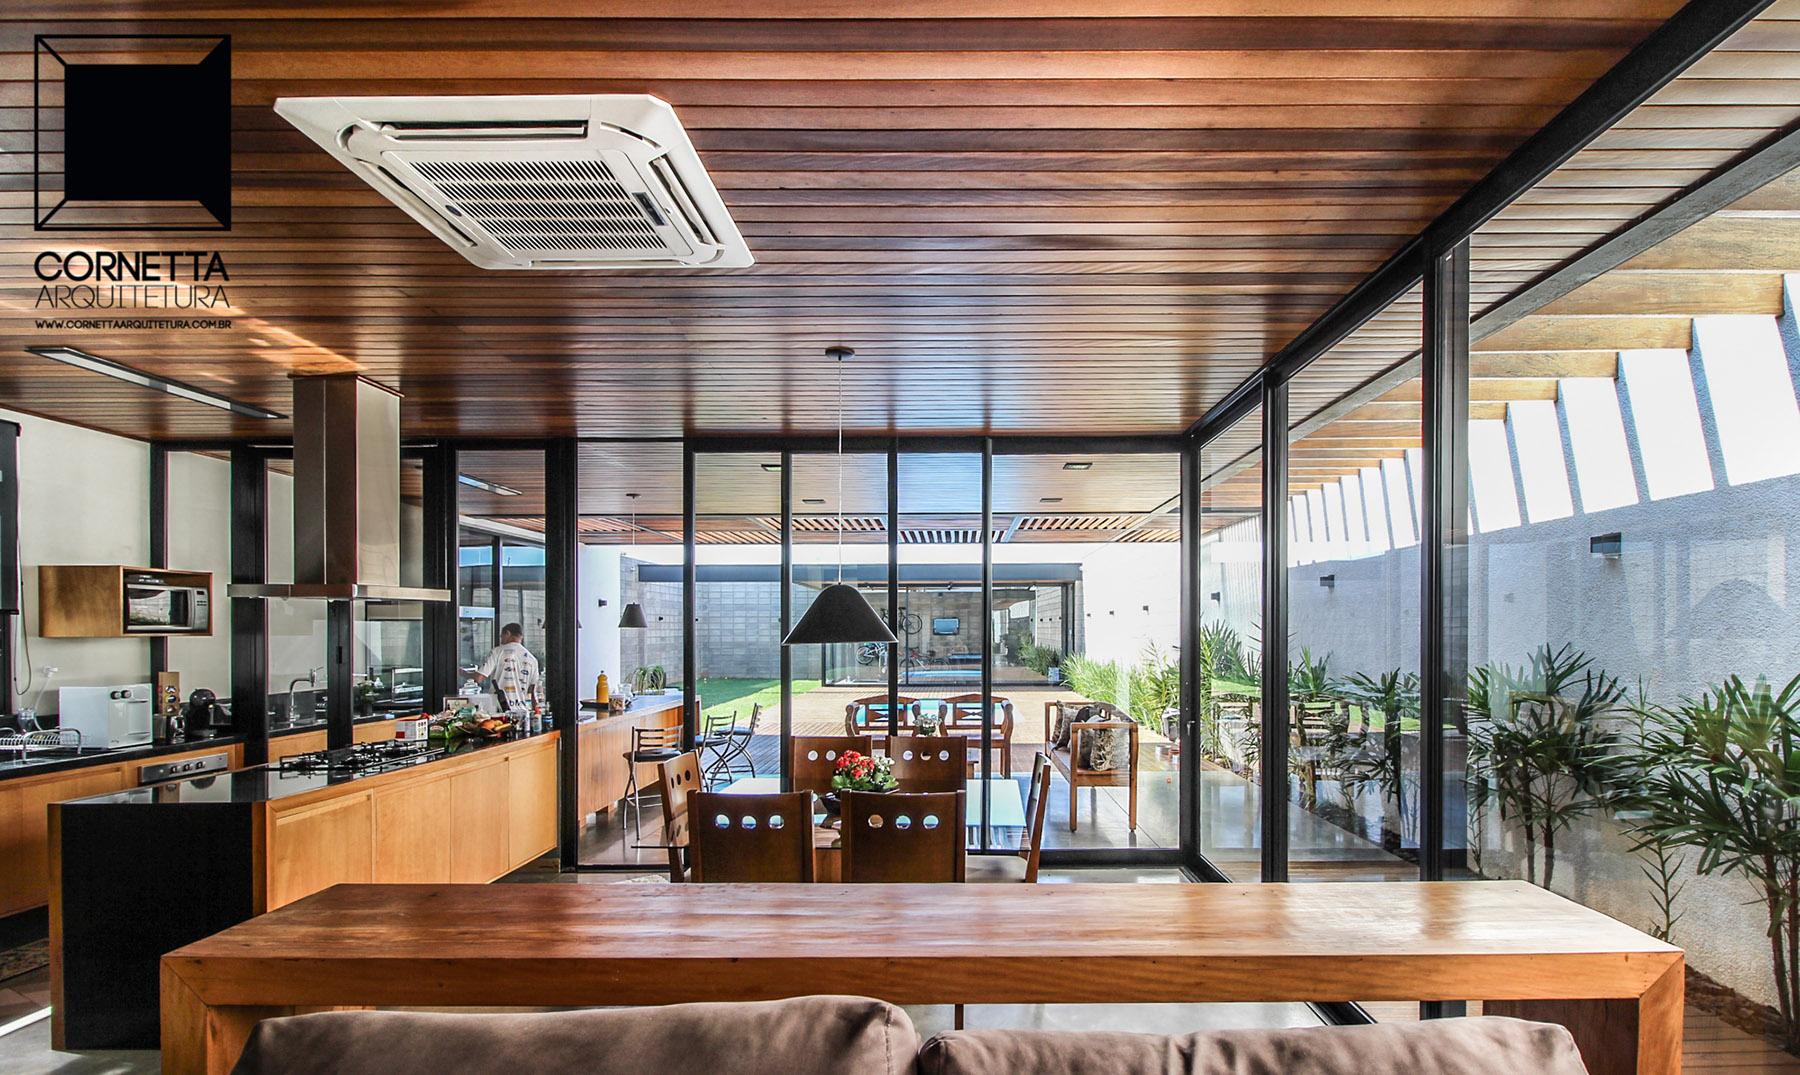 cornetta arquitetura casas estruturas metalicas casas trreas casas modernas casas ecologicas